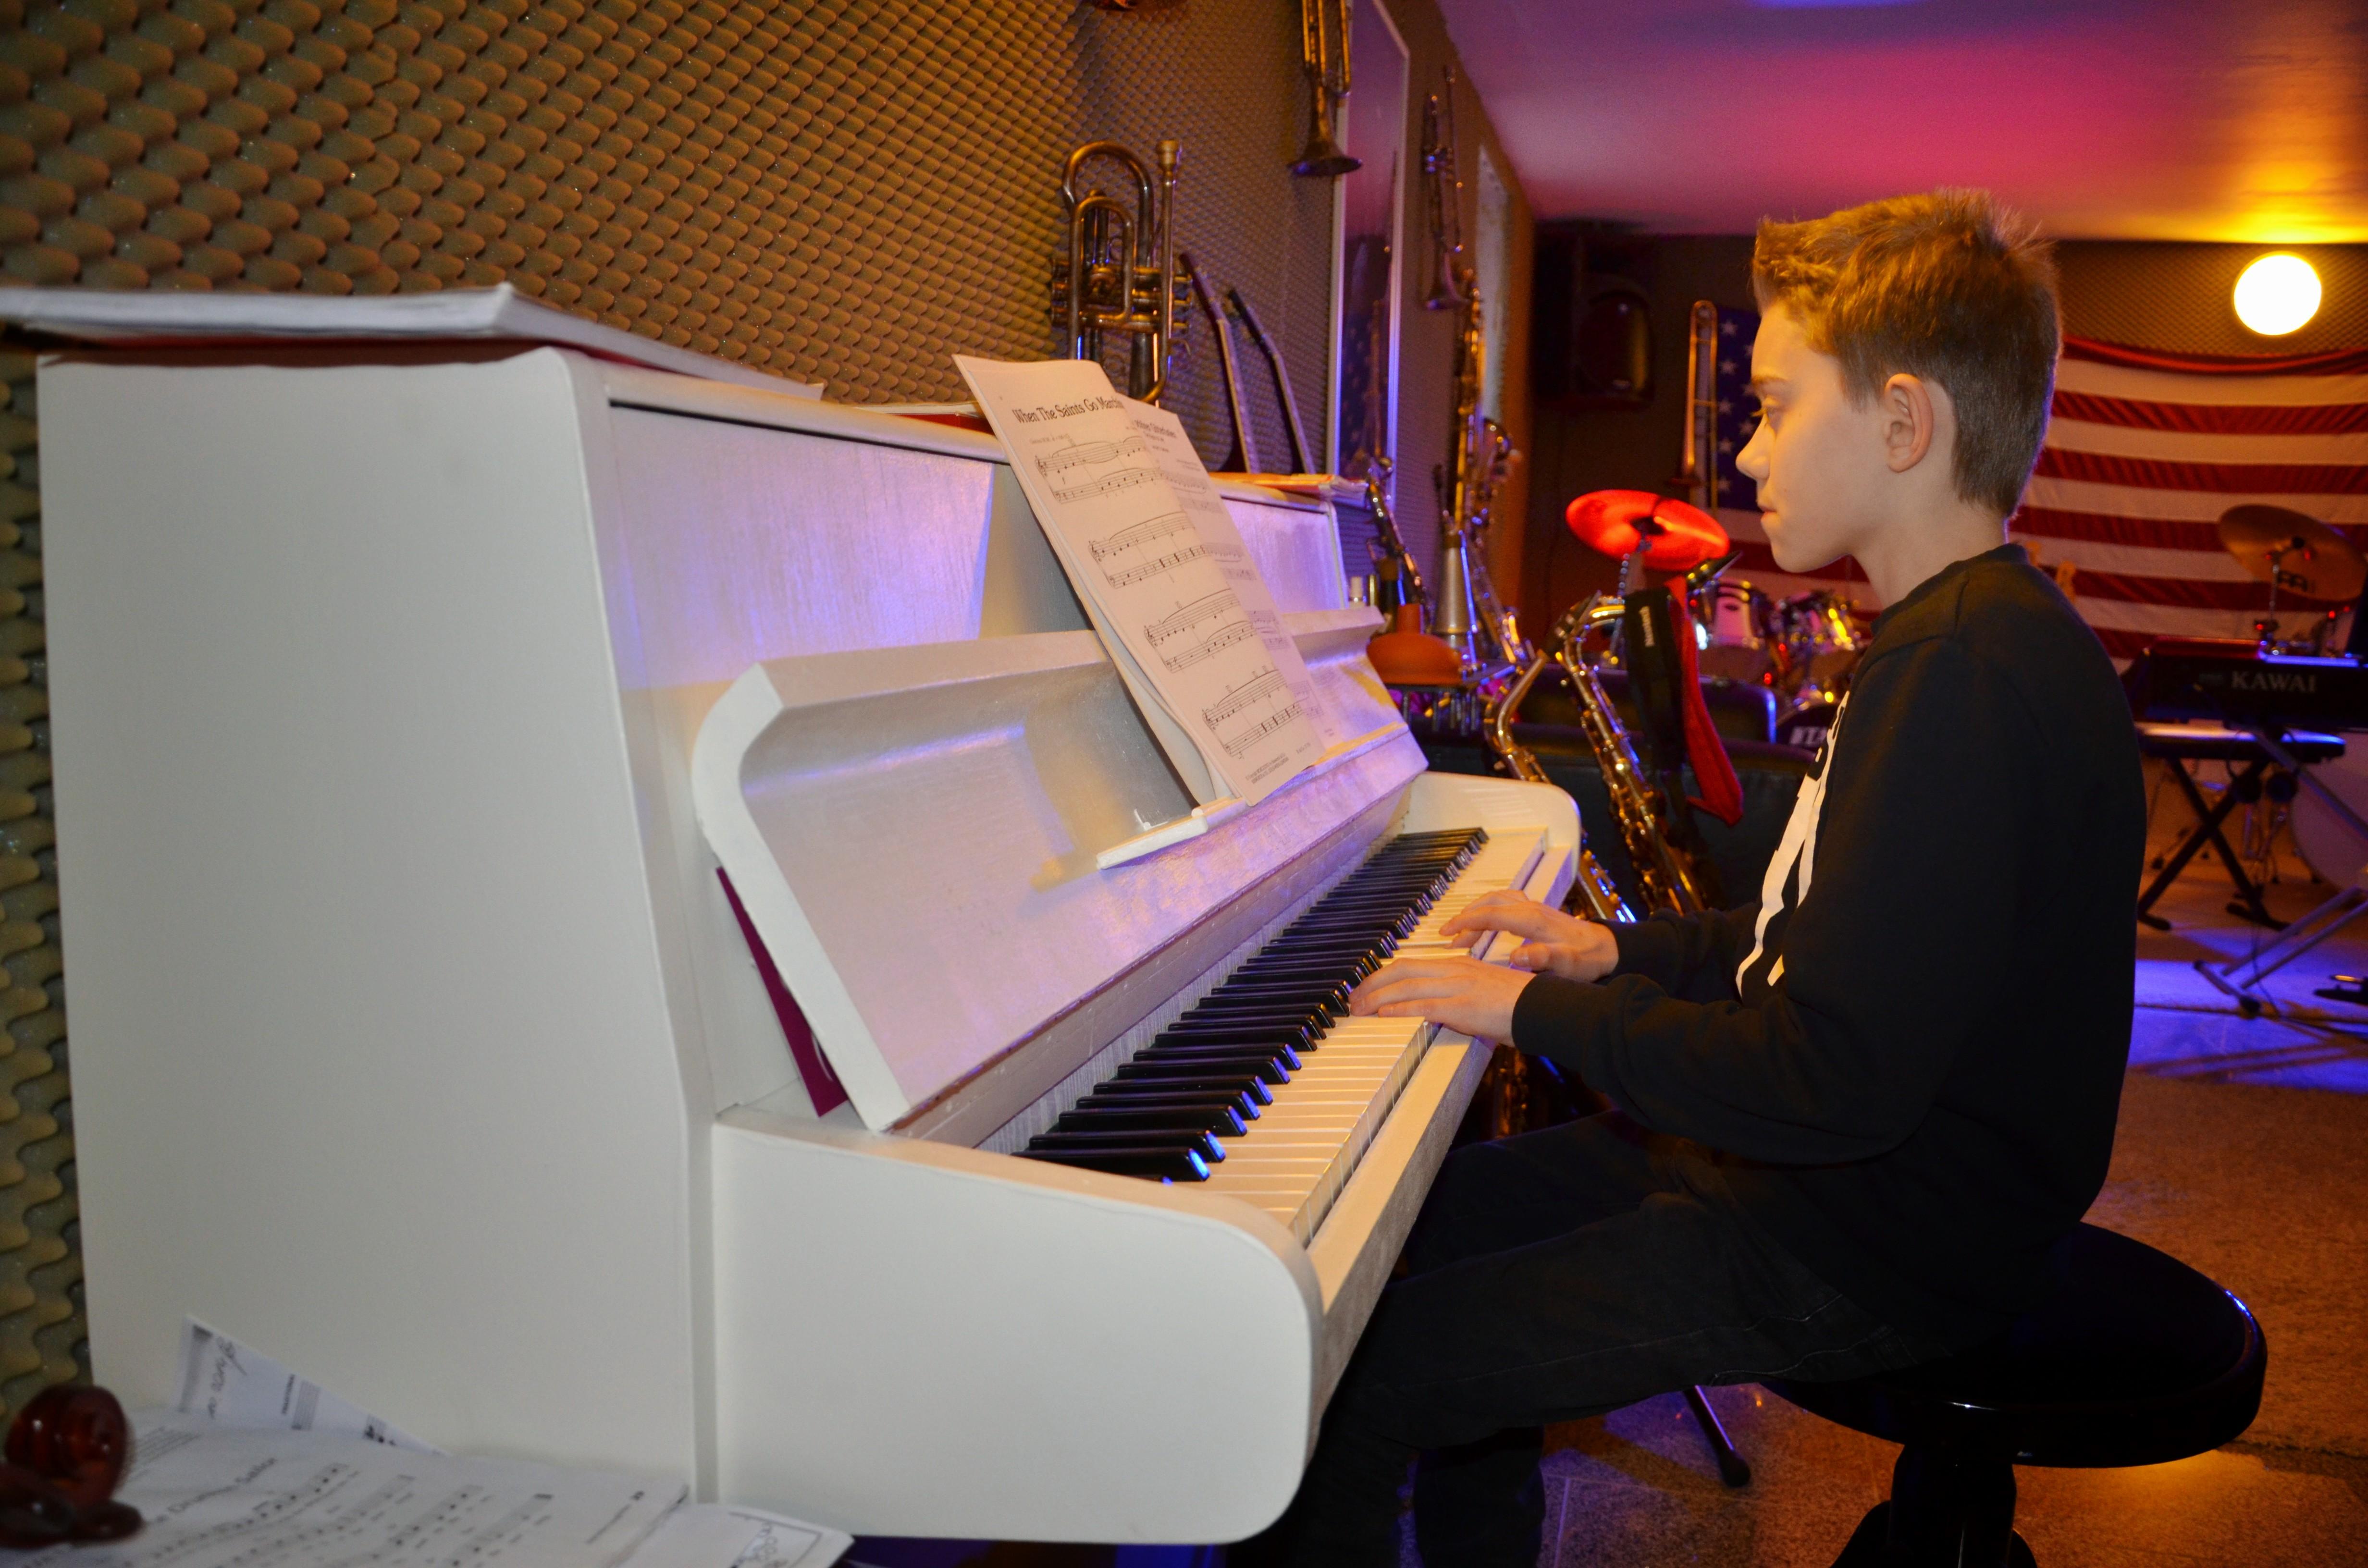 klavier unterricht munster  Klavier-Unterricht Münster a News 2015 klavierunterricht muenster klavierschule klavier lernen musikschule muenster8